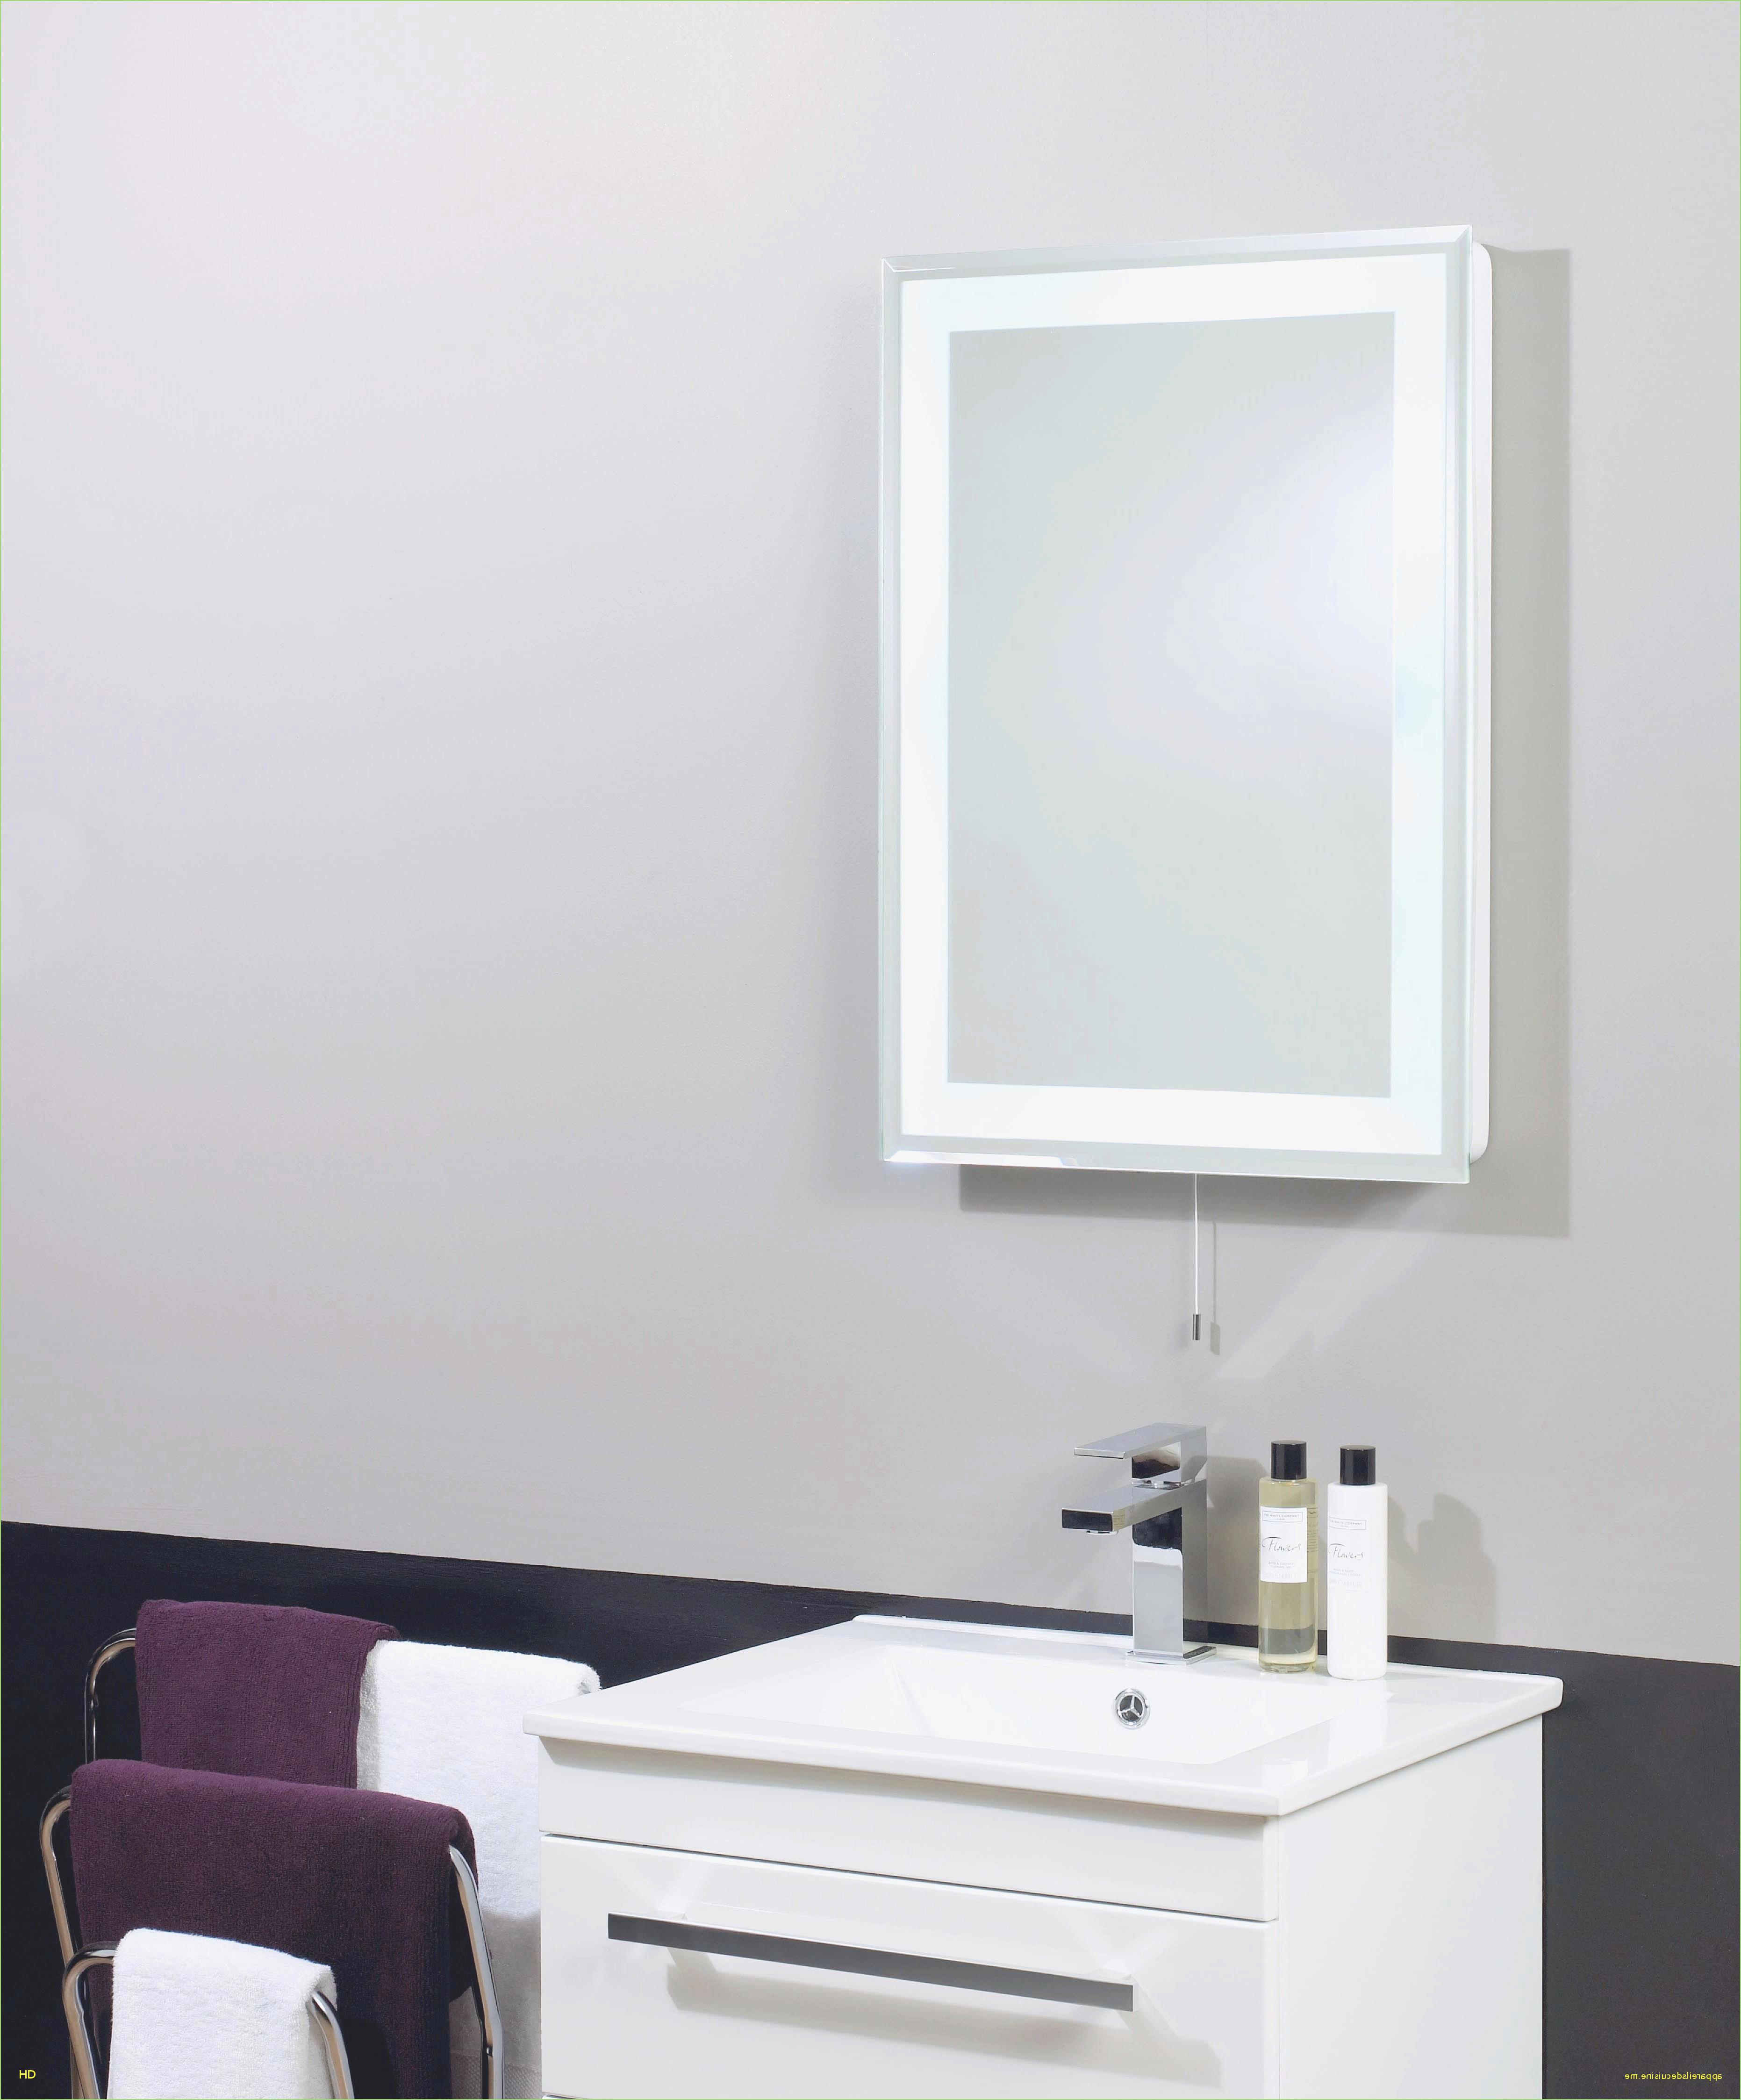 Petite Salle De Bain Ikea Nouveau Galerie 20 Unique Eclairage Miroir Salle De Bain Ikea Bain